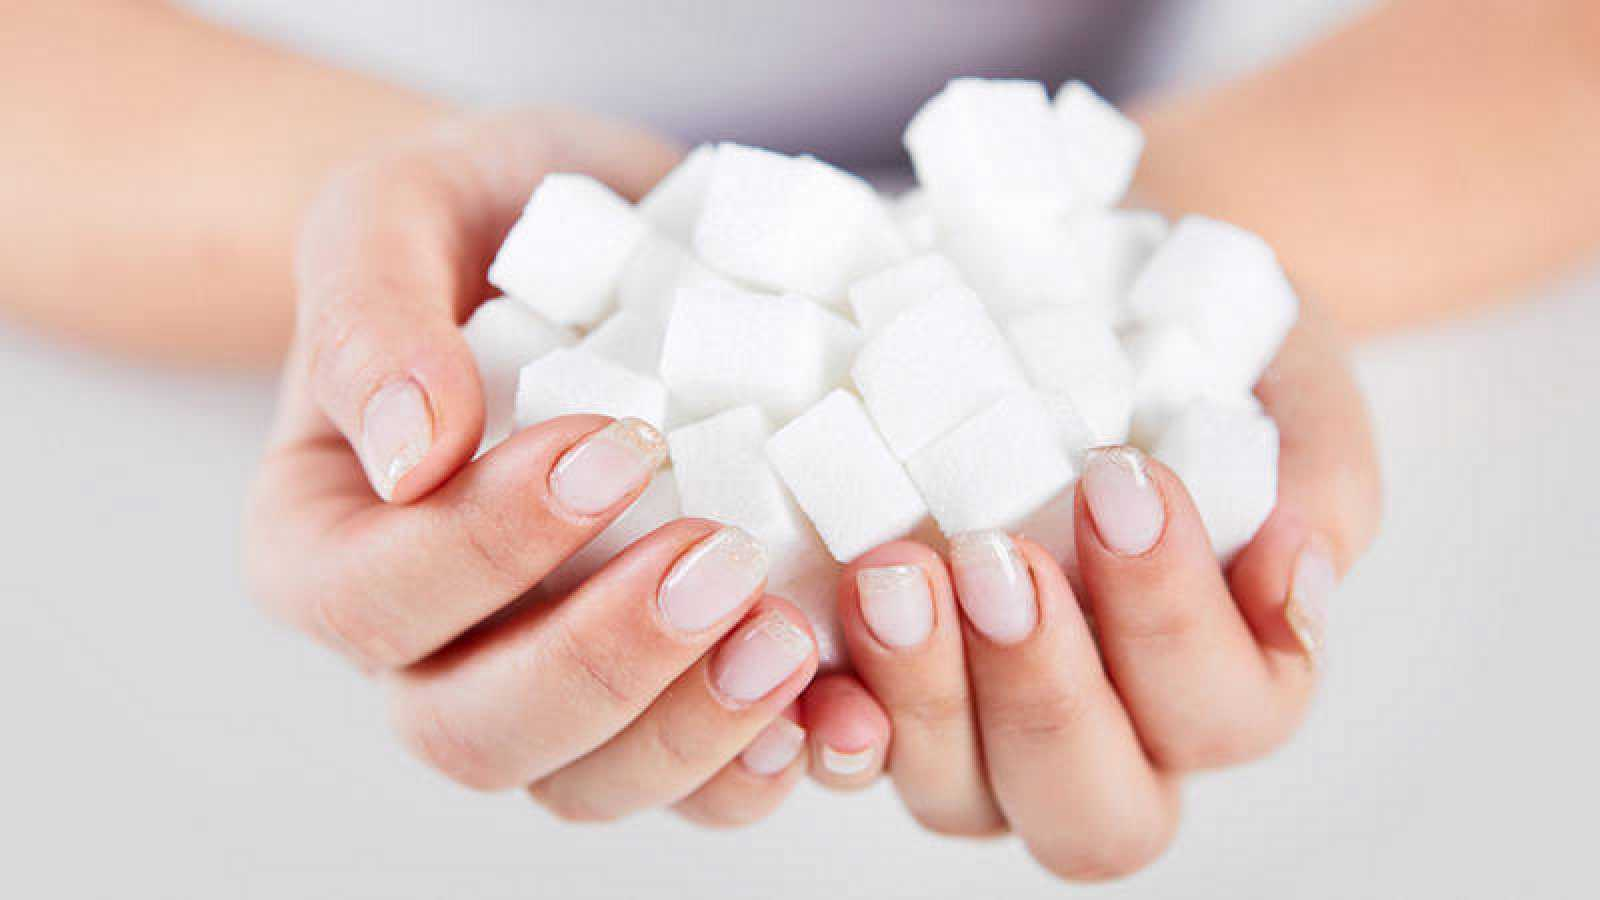 """Los expertos en salud piden que se preste atención a la parte de las etiquetas de los alimentos que dice: """"de los cuales, azúcares""""."""